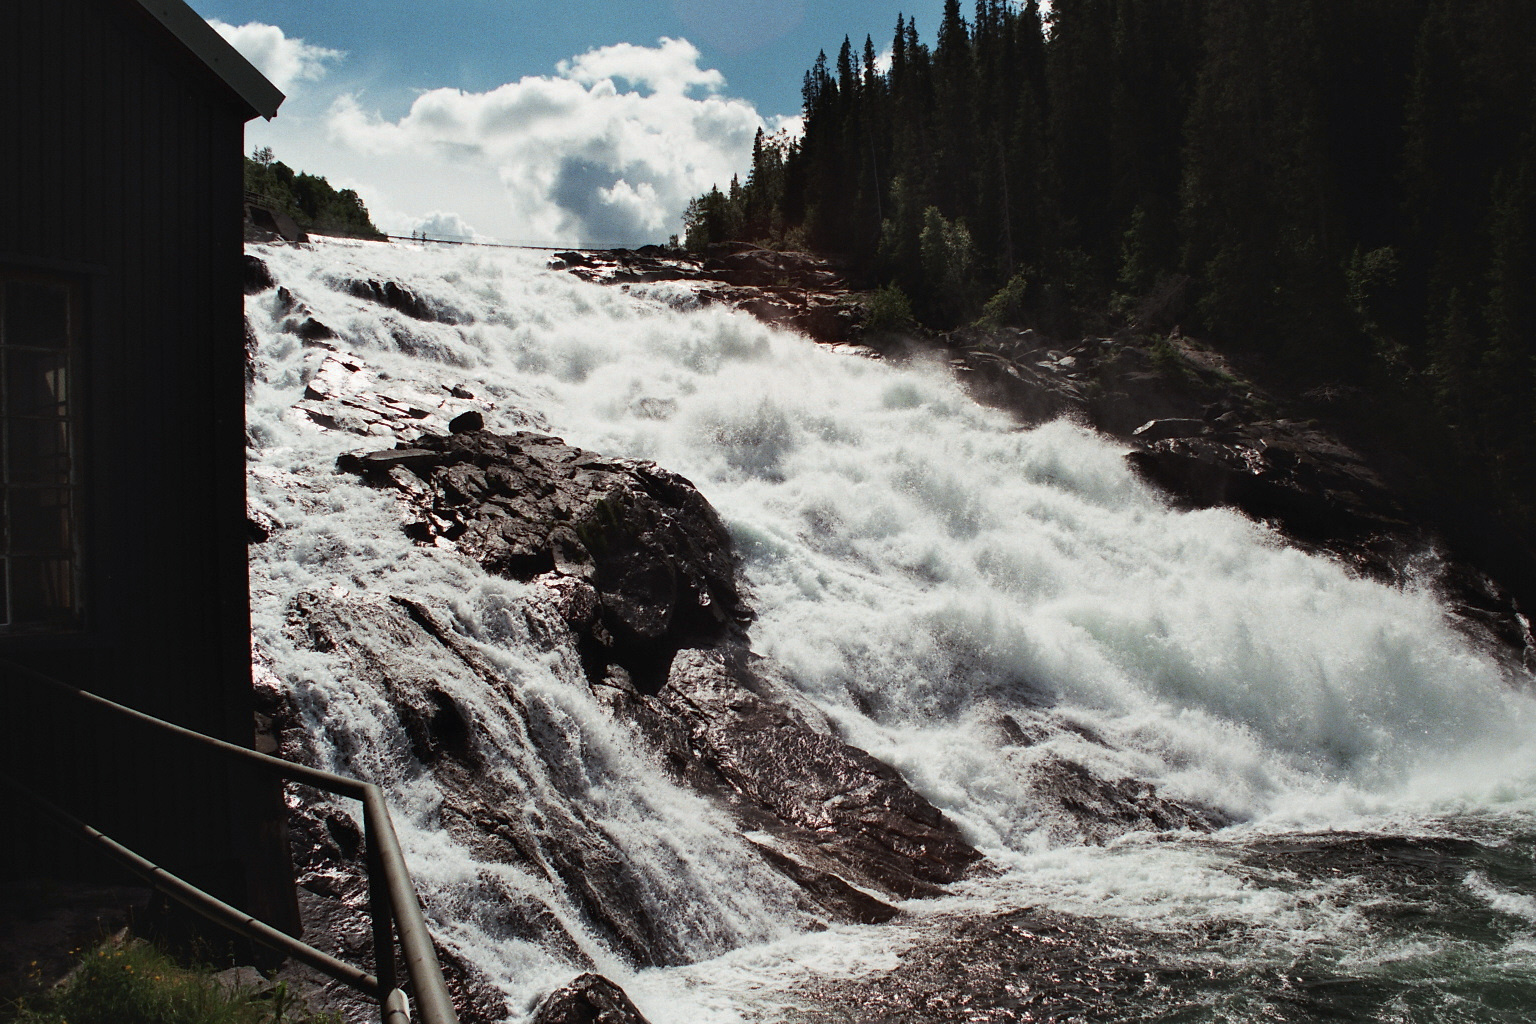 Wasserfall in Handöl Schweden